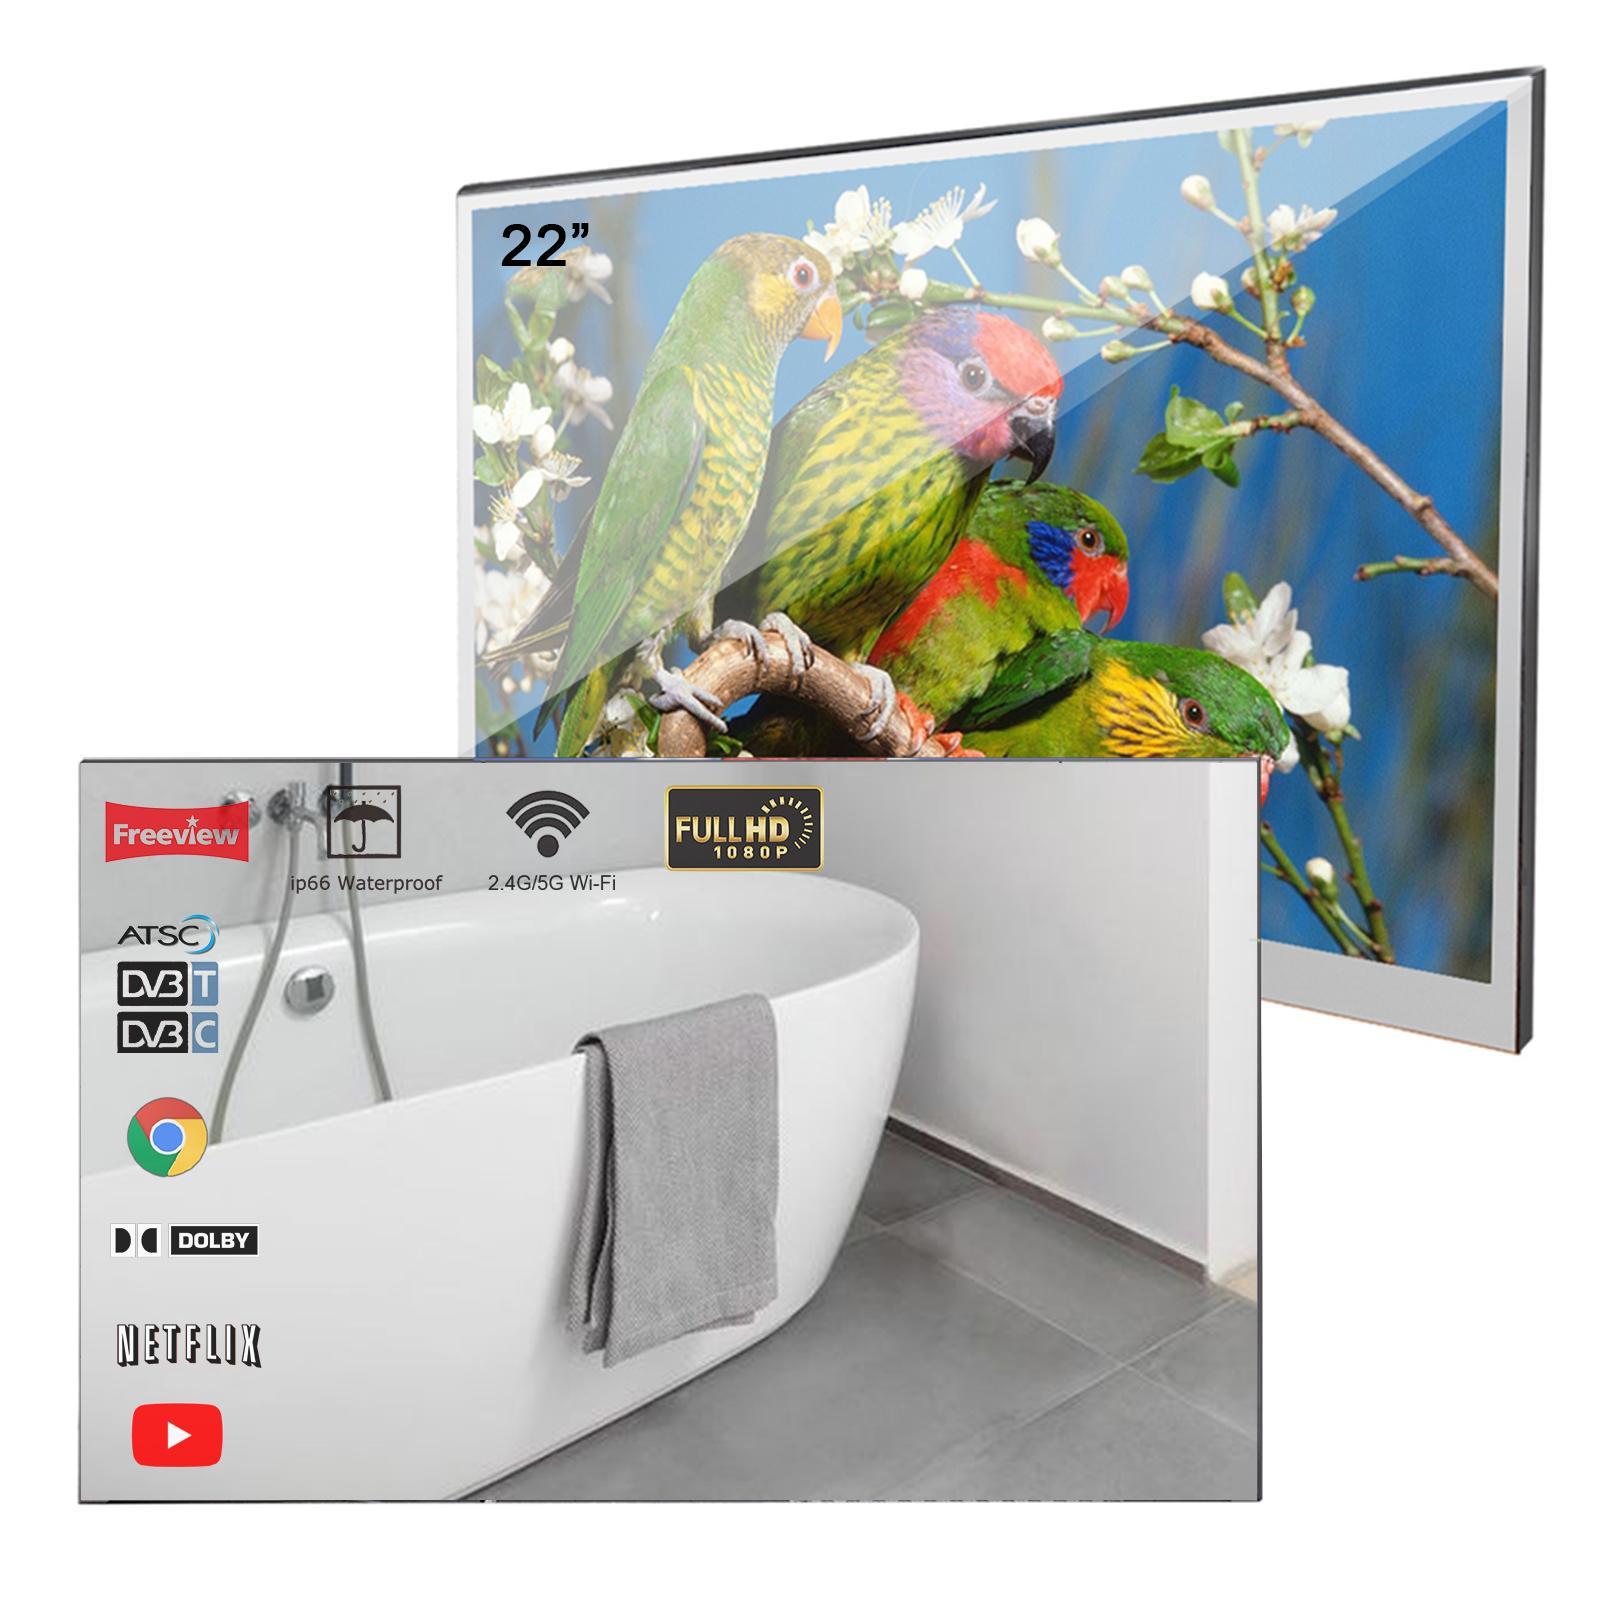 Acheter Soulaca 22 Pouces Led Salle De Bains Magic Mirror Tv Android 7 1 Wifi Ip66 étanche Intégré Douche Télévision Hôtel De 299 78 Du Soulaca Dhgate Com